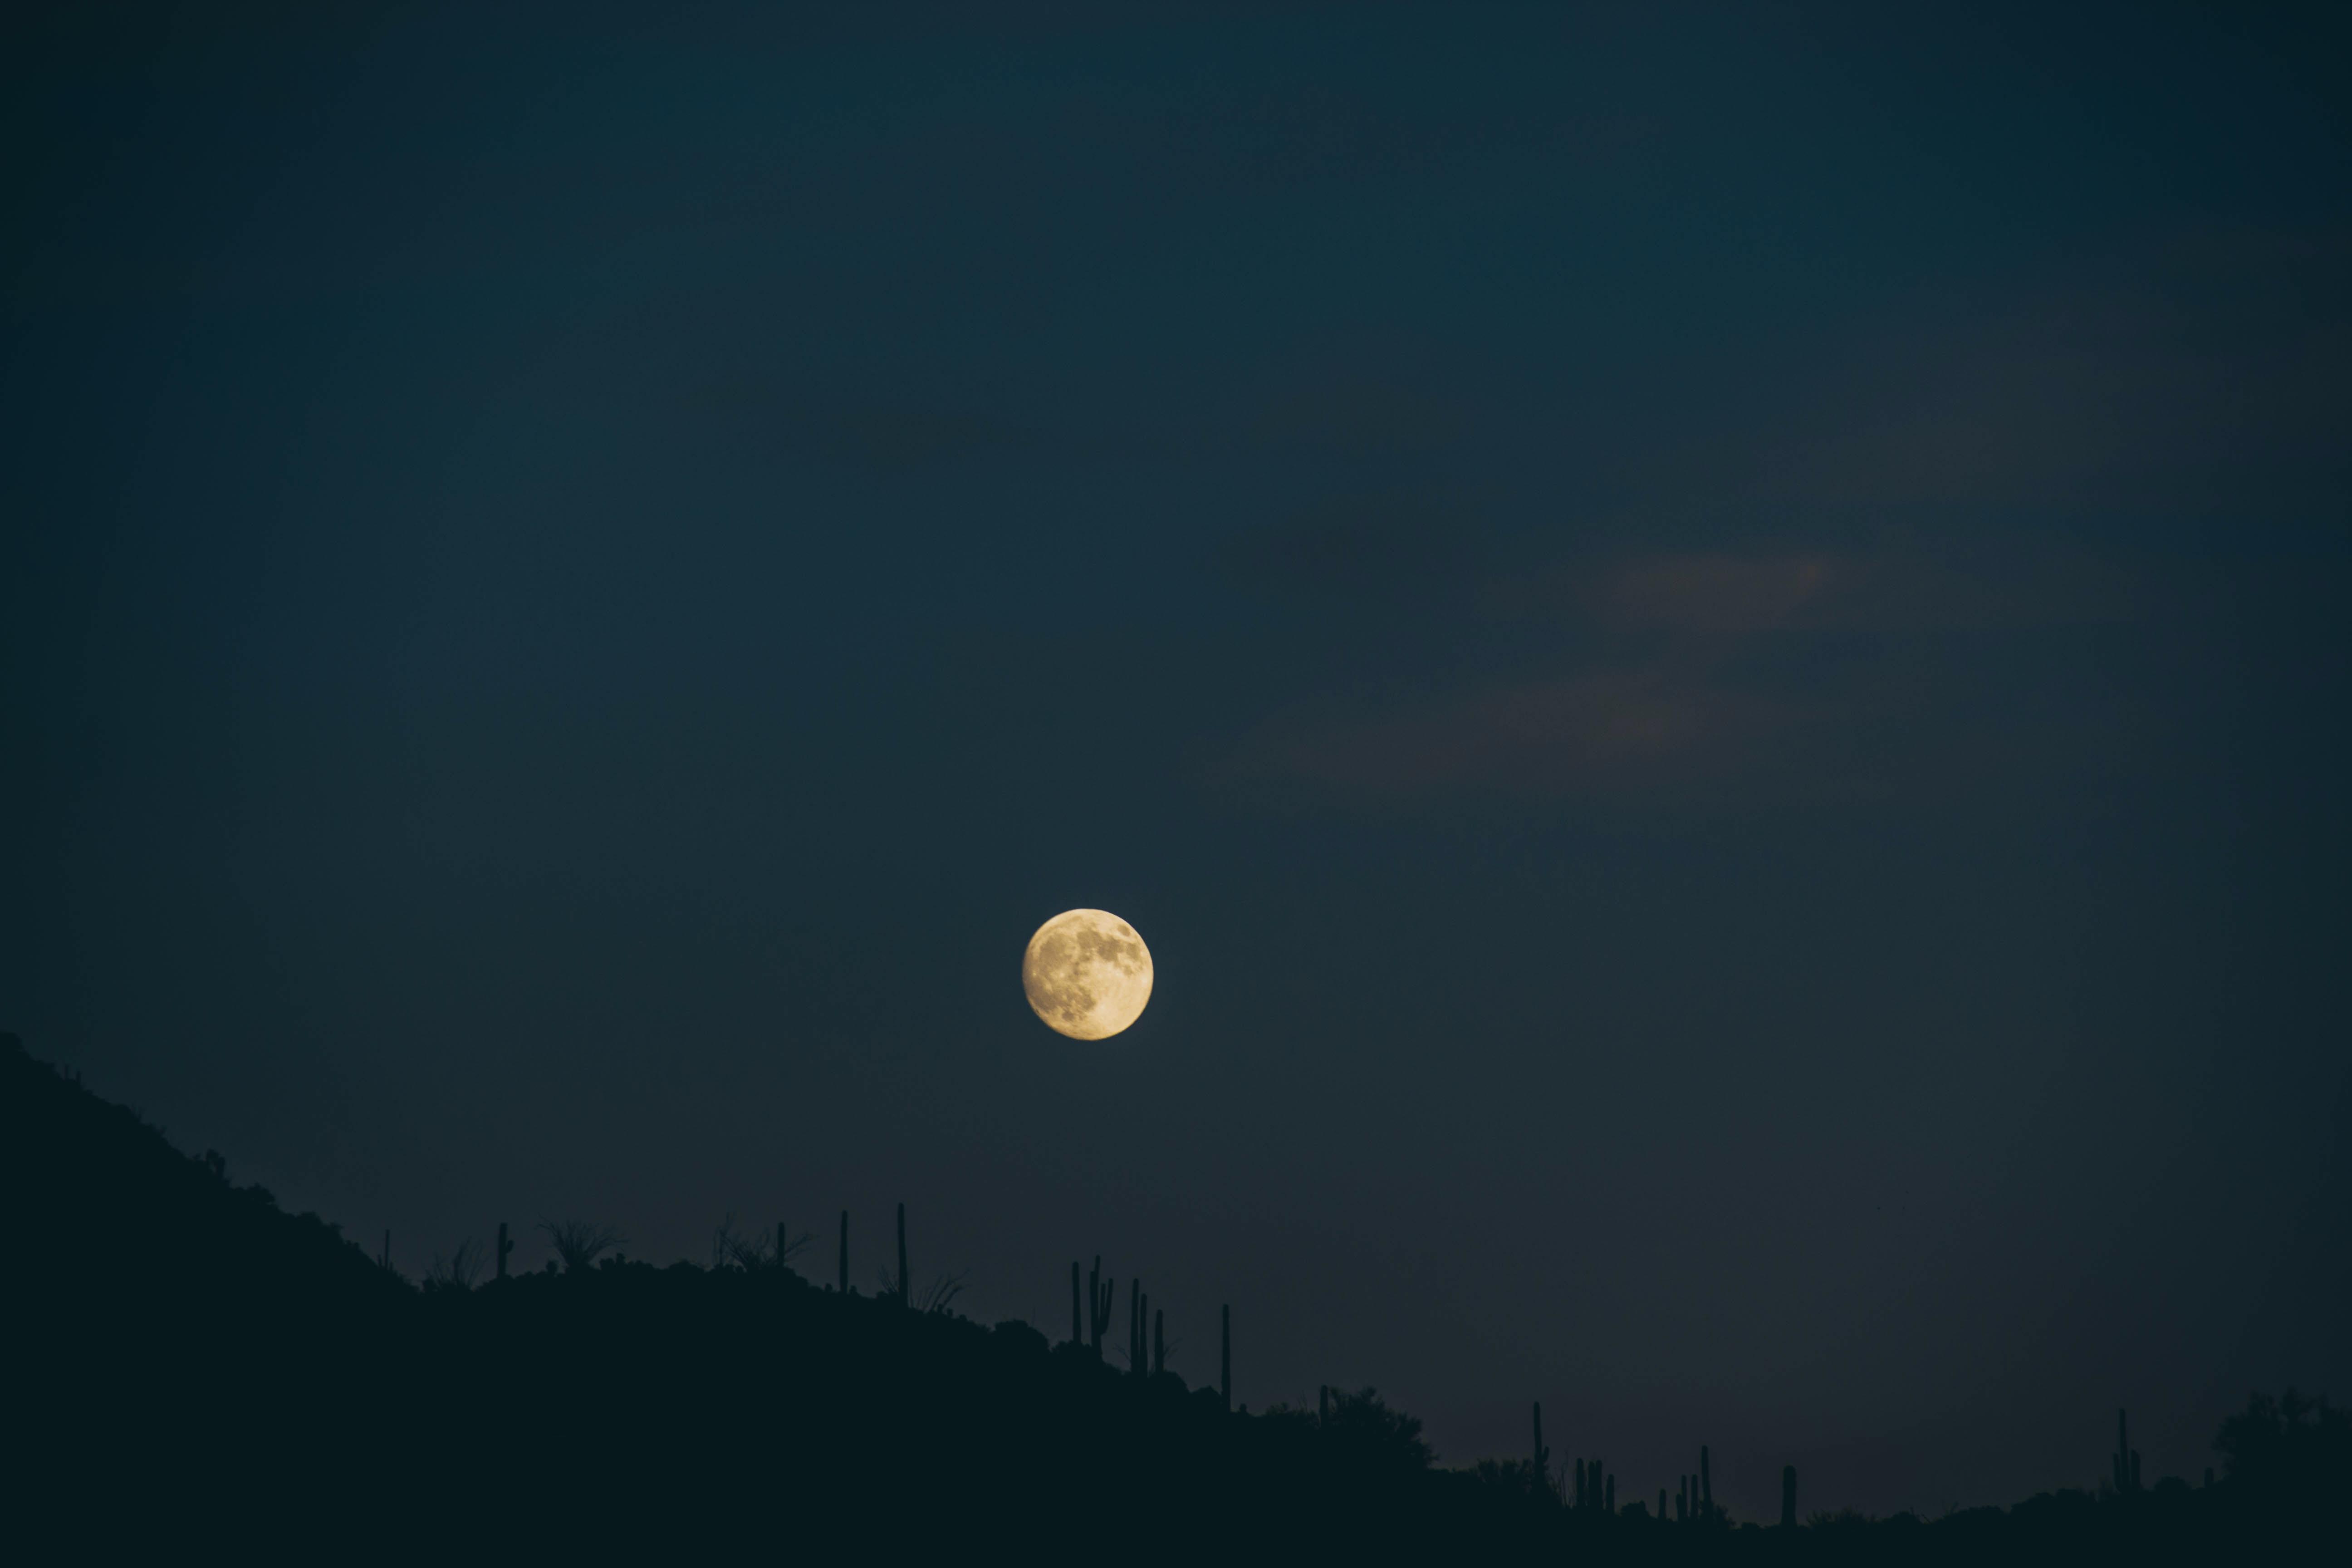 mountain under full moon